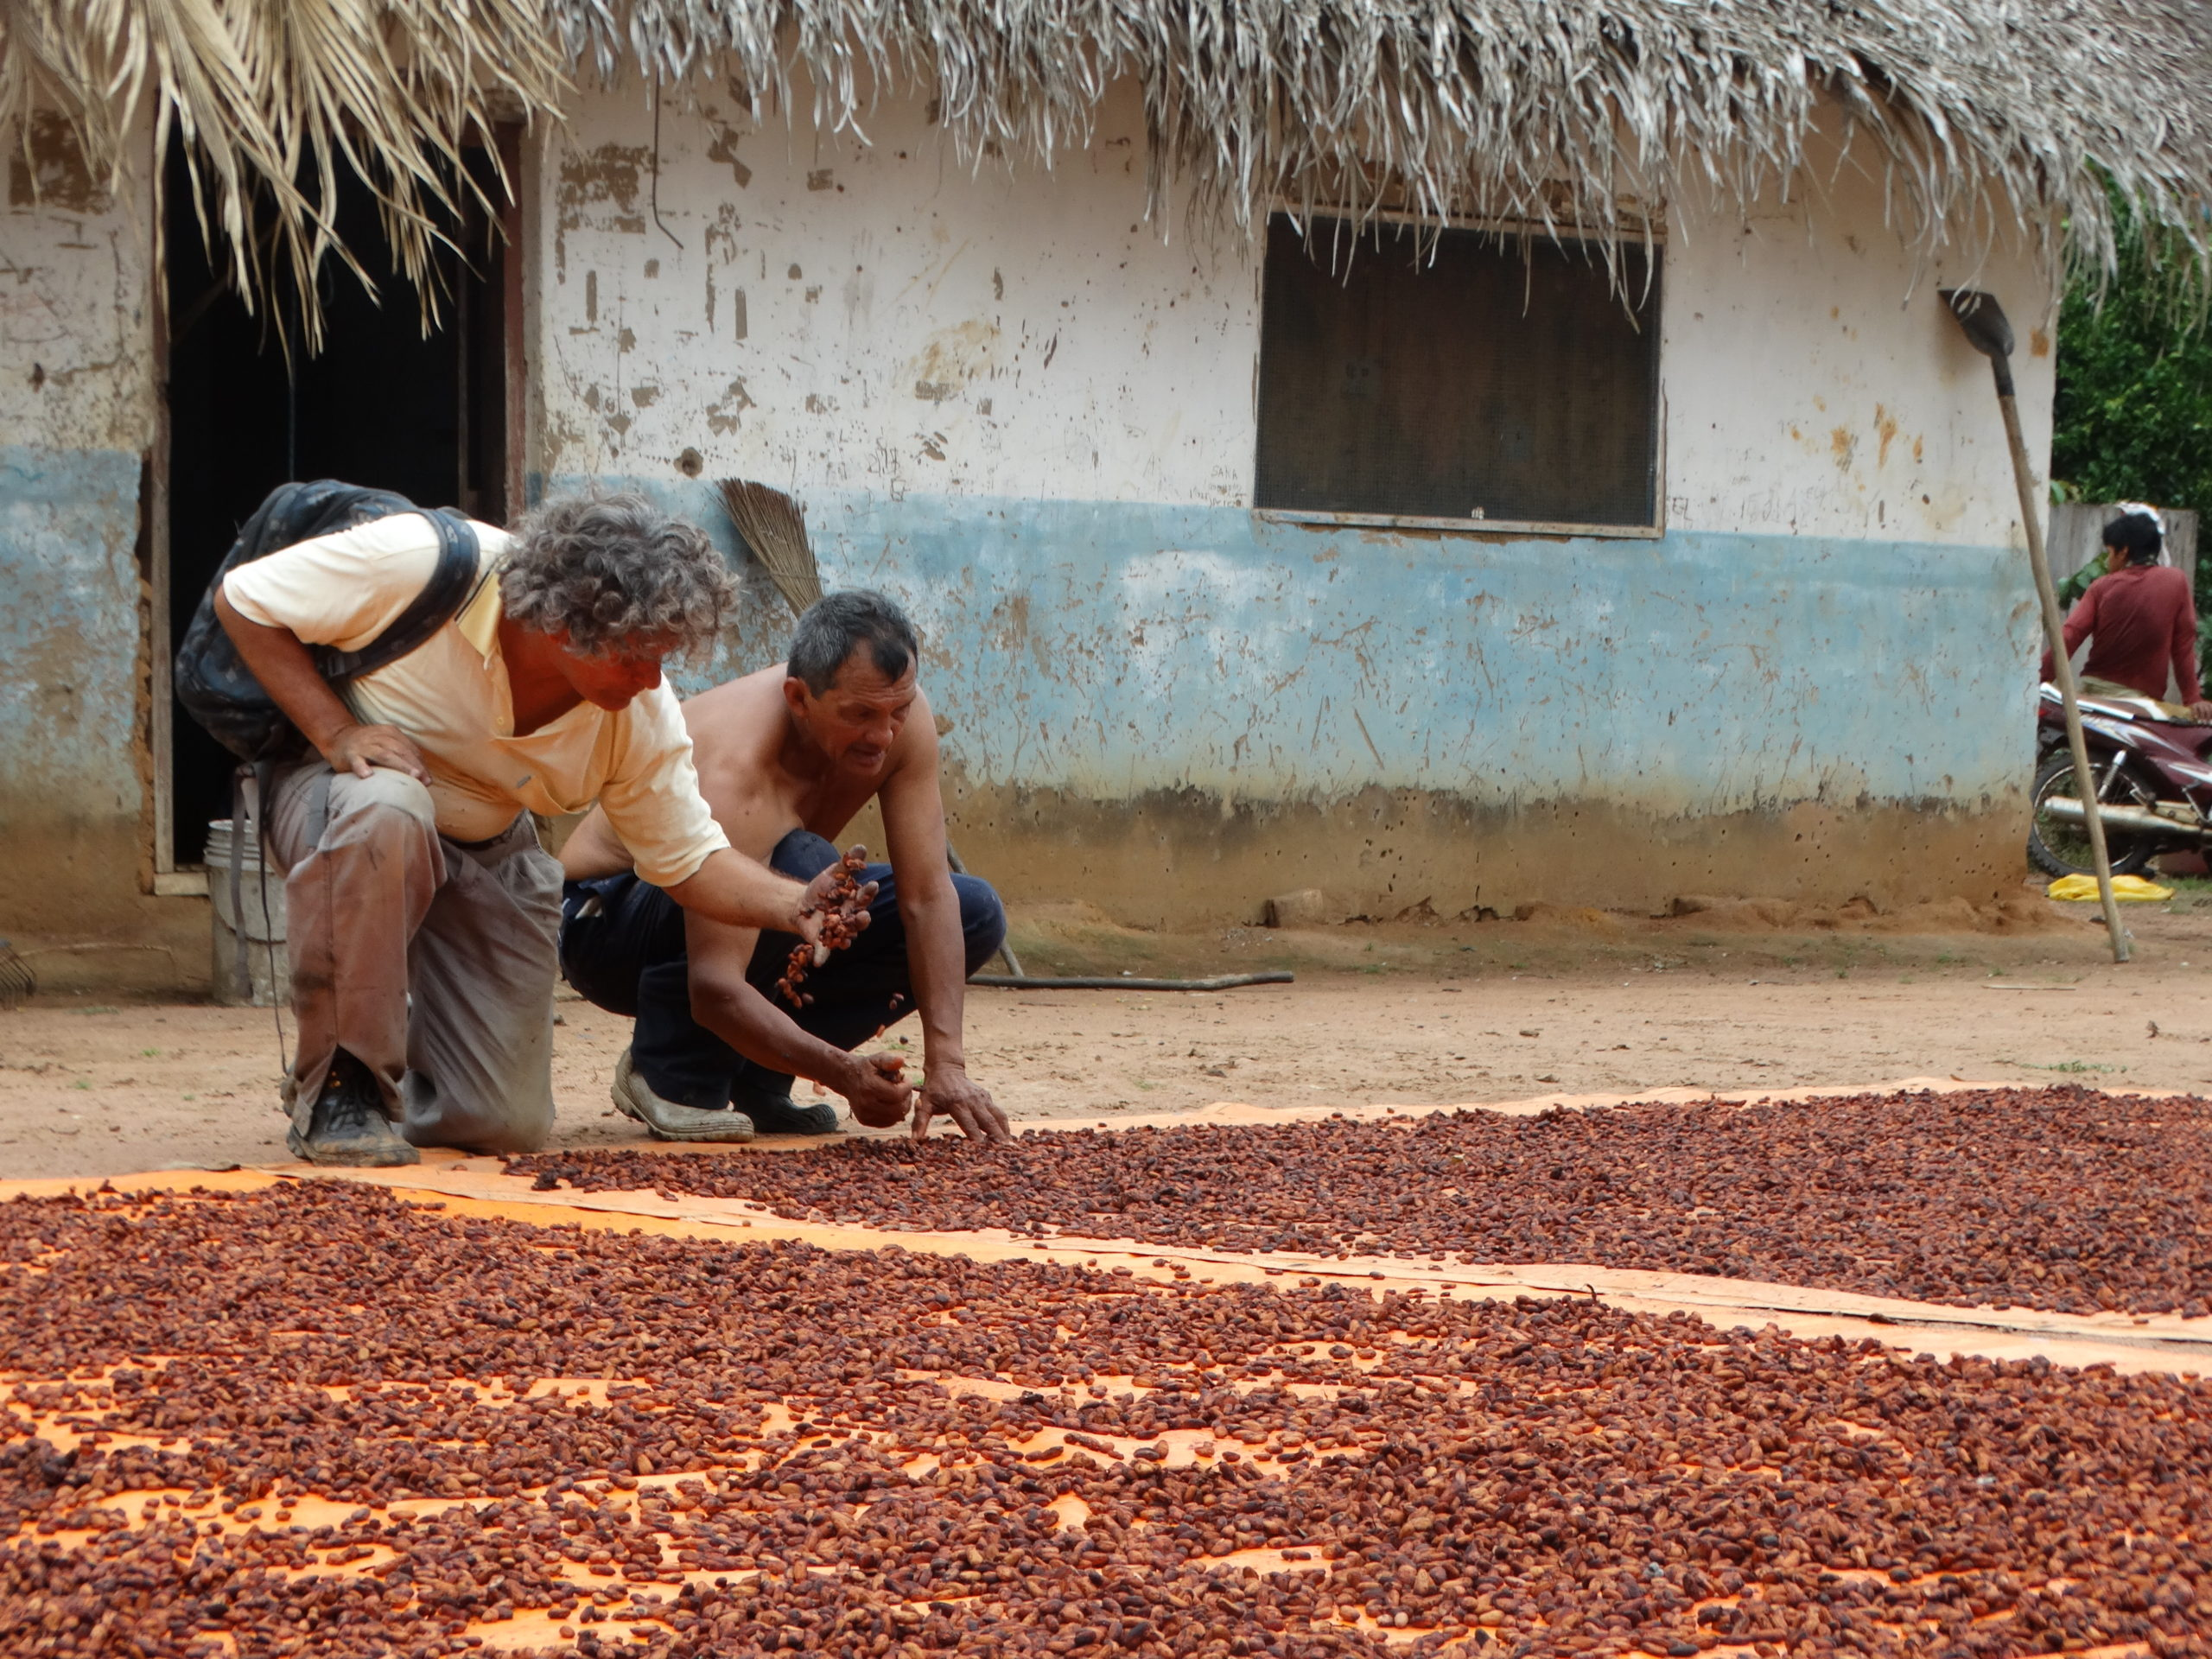 secando grano